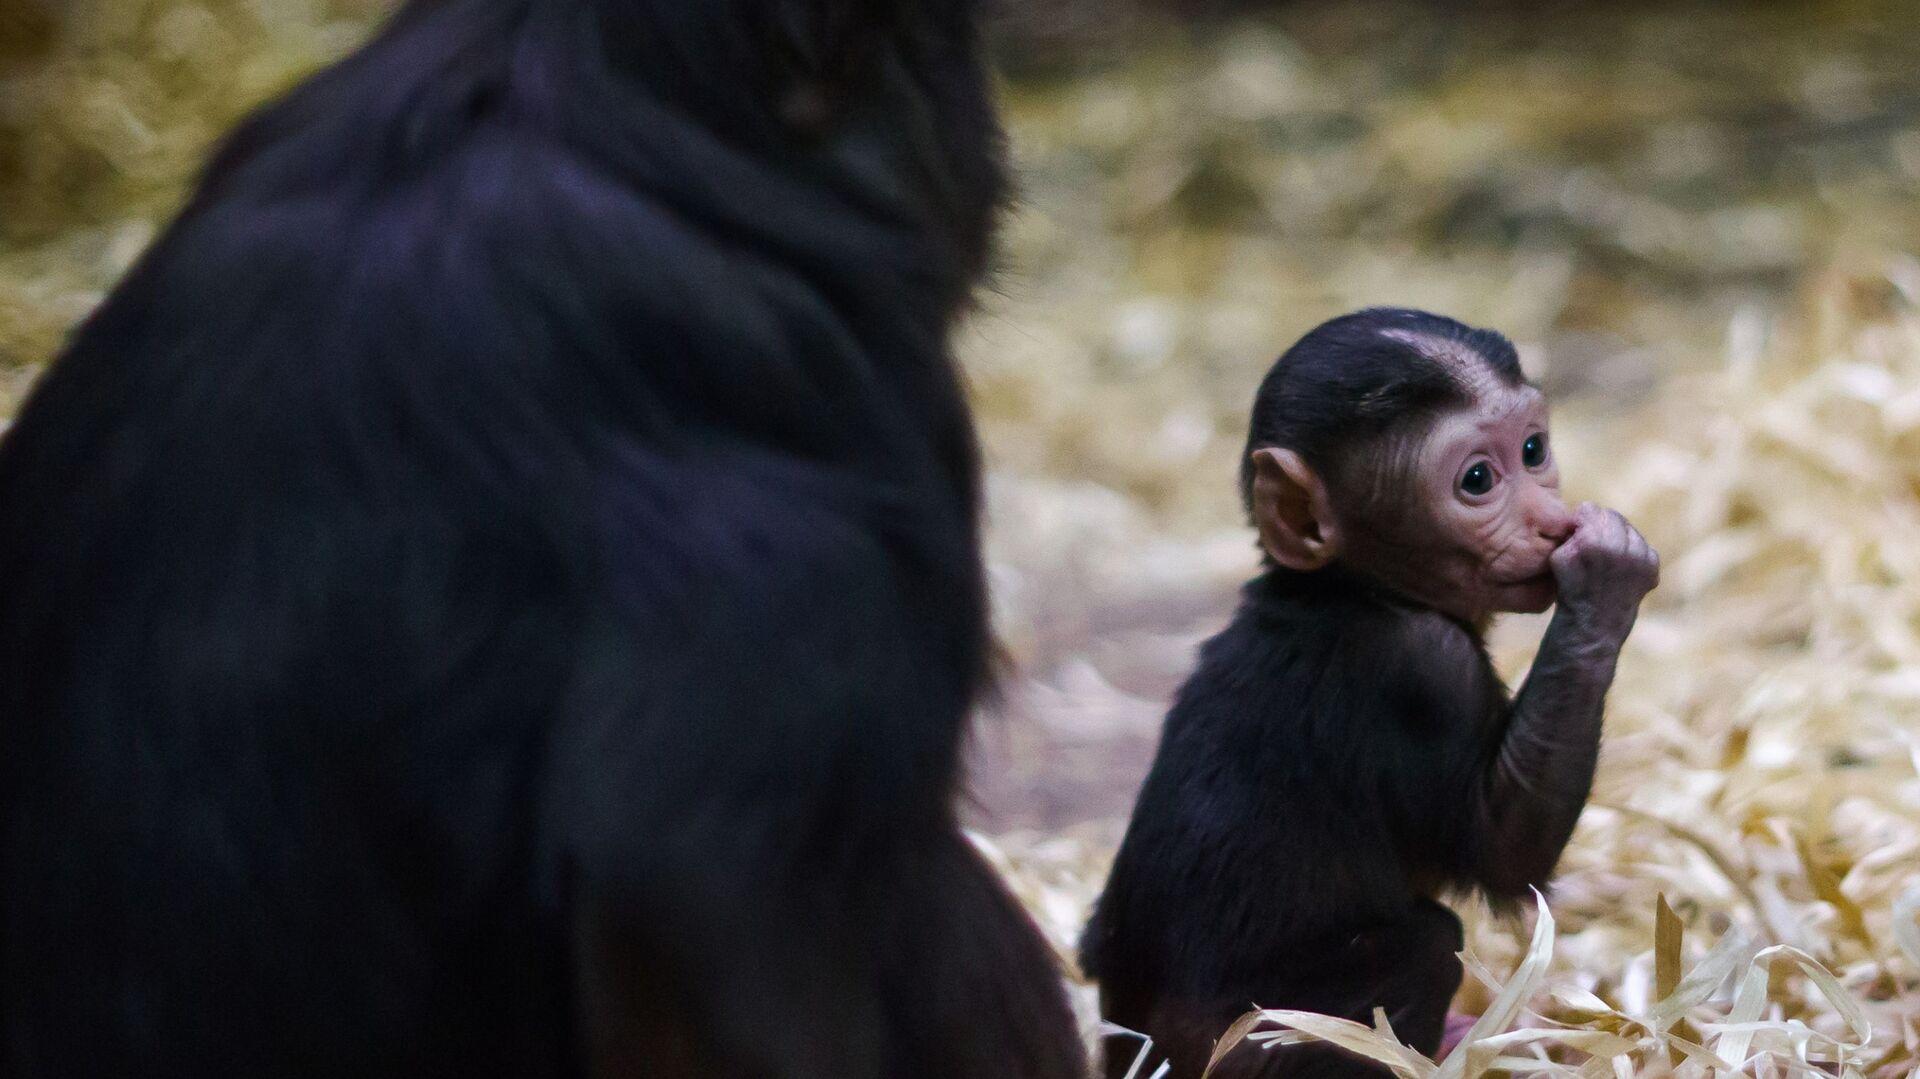 Piccolo di macaco appena nato  - Sputnik Italia, 1920, 18.07.2021